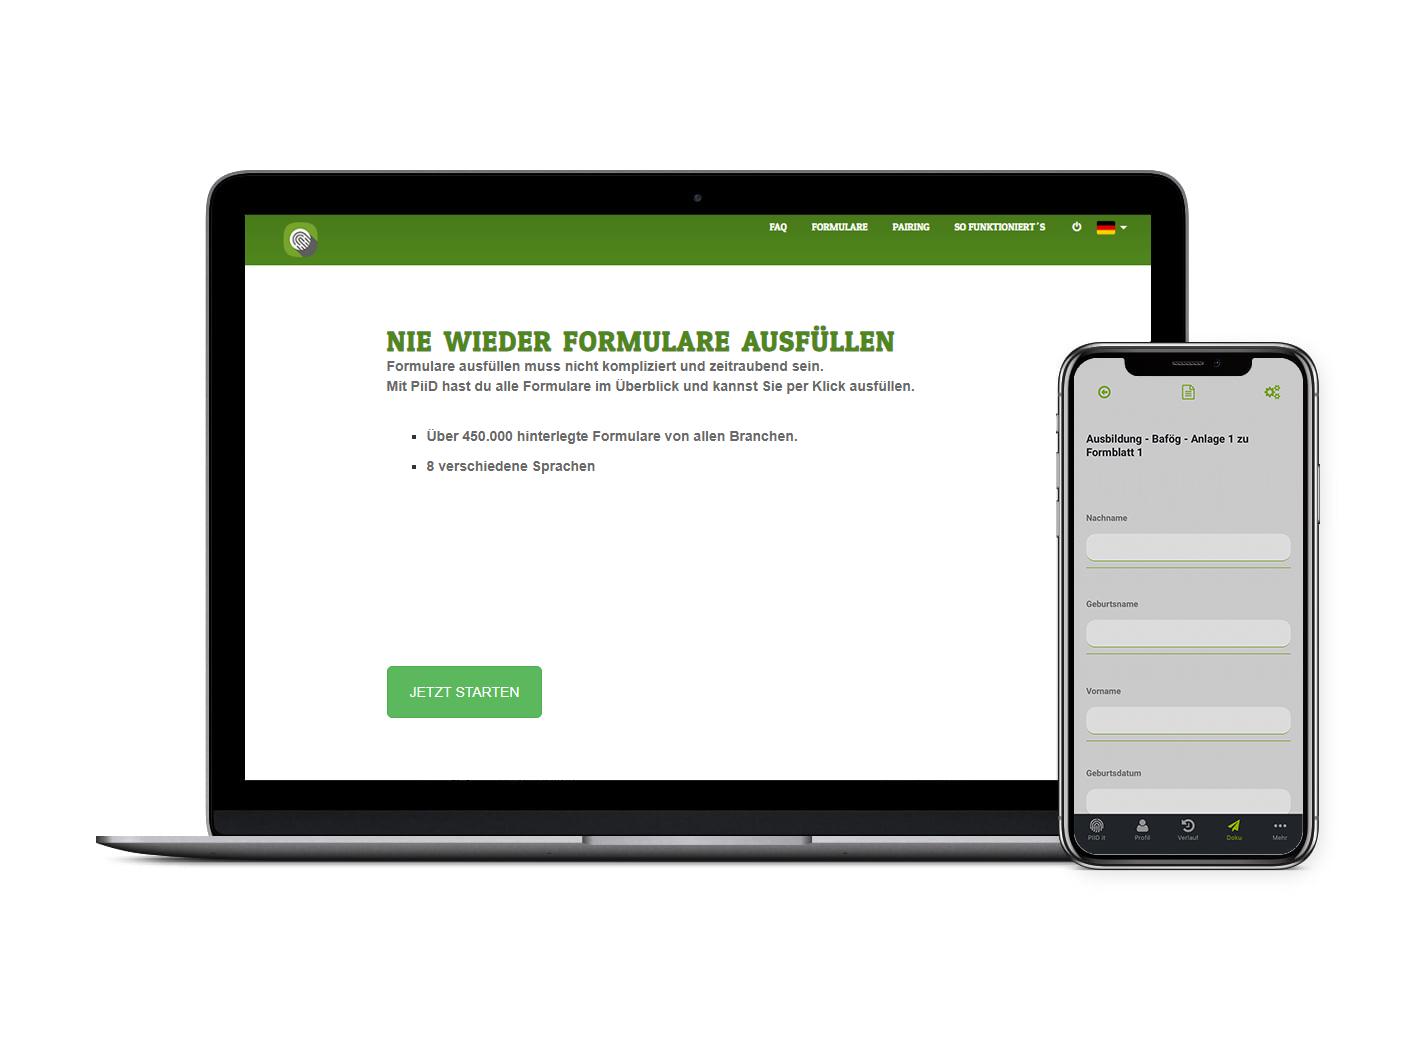 Die Registrierung für PiiD ist kostenlos. Lade dir jetzt die App im Play oder App Store und manage deine Versicherungen digital.